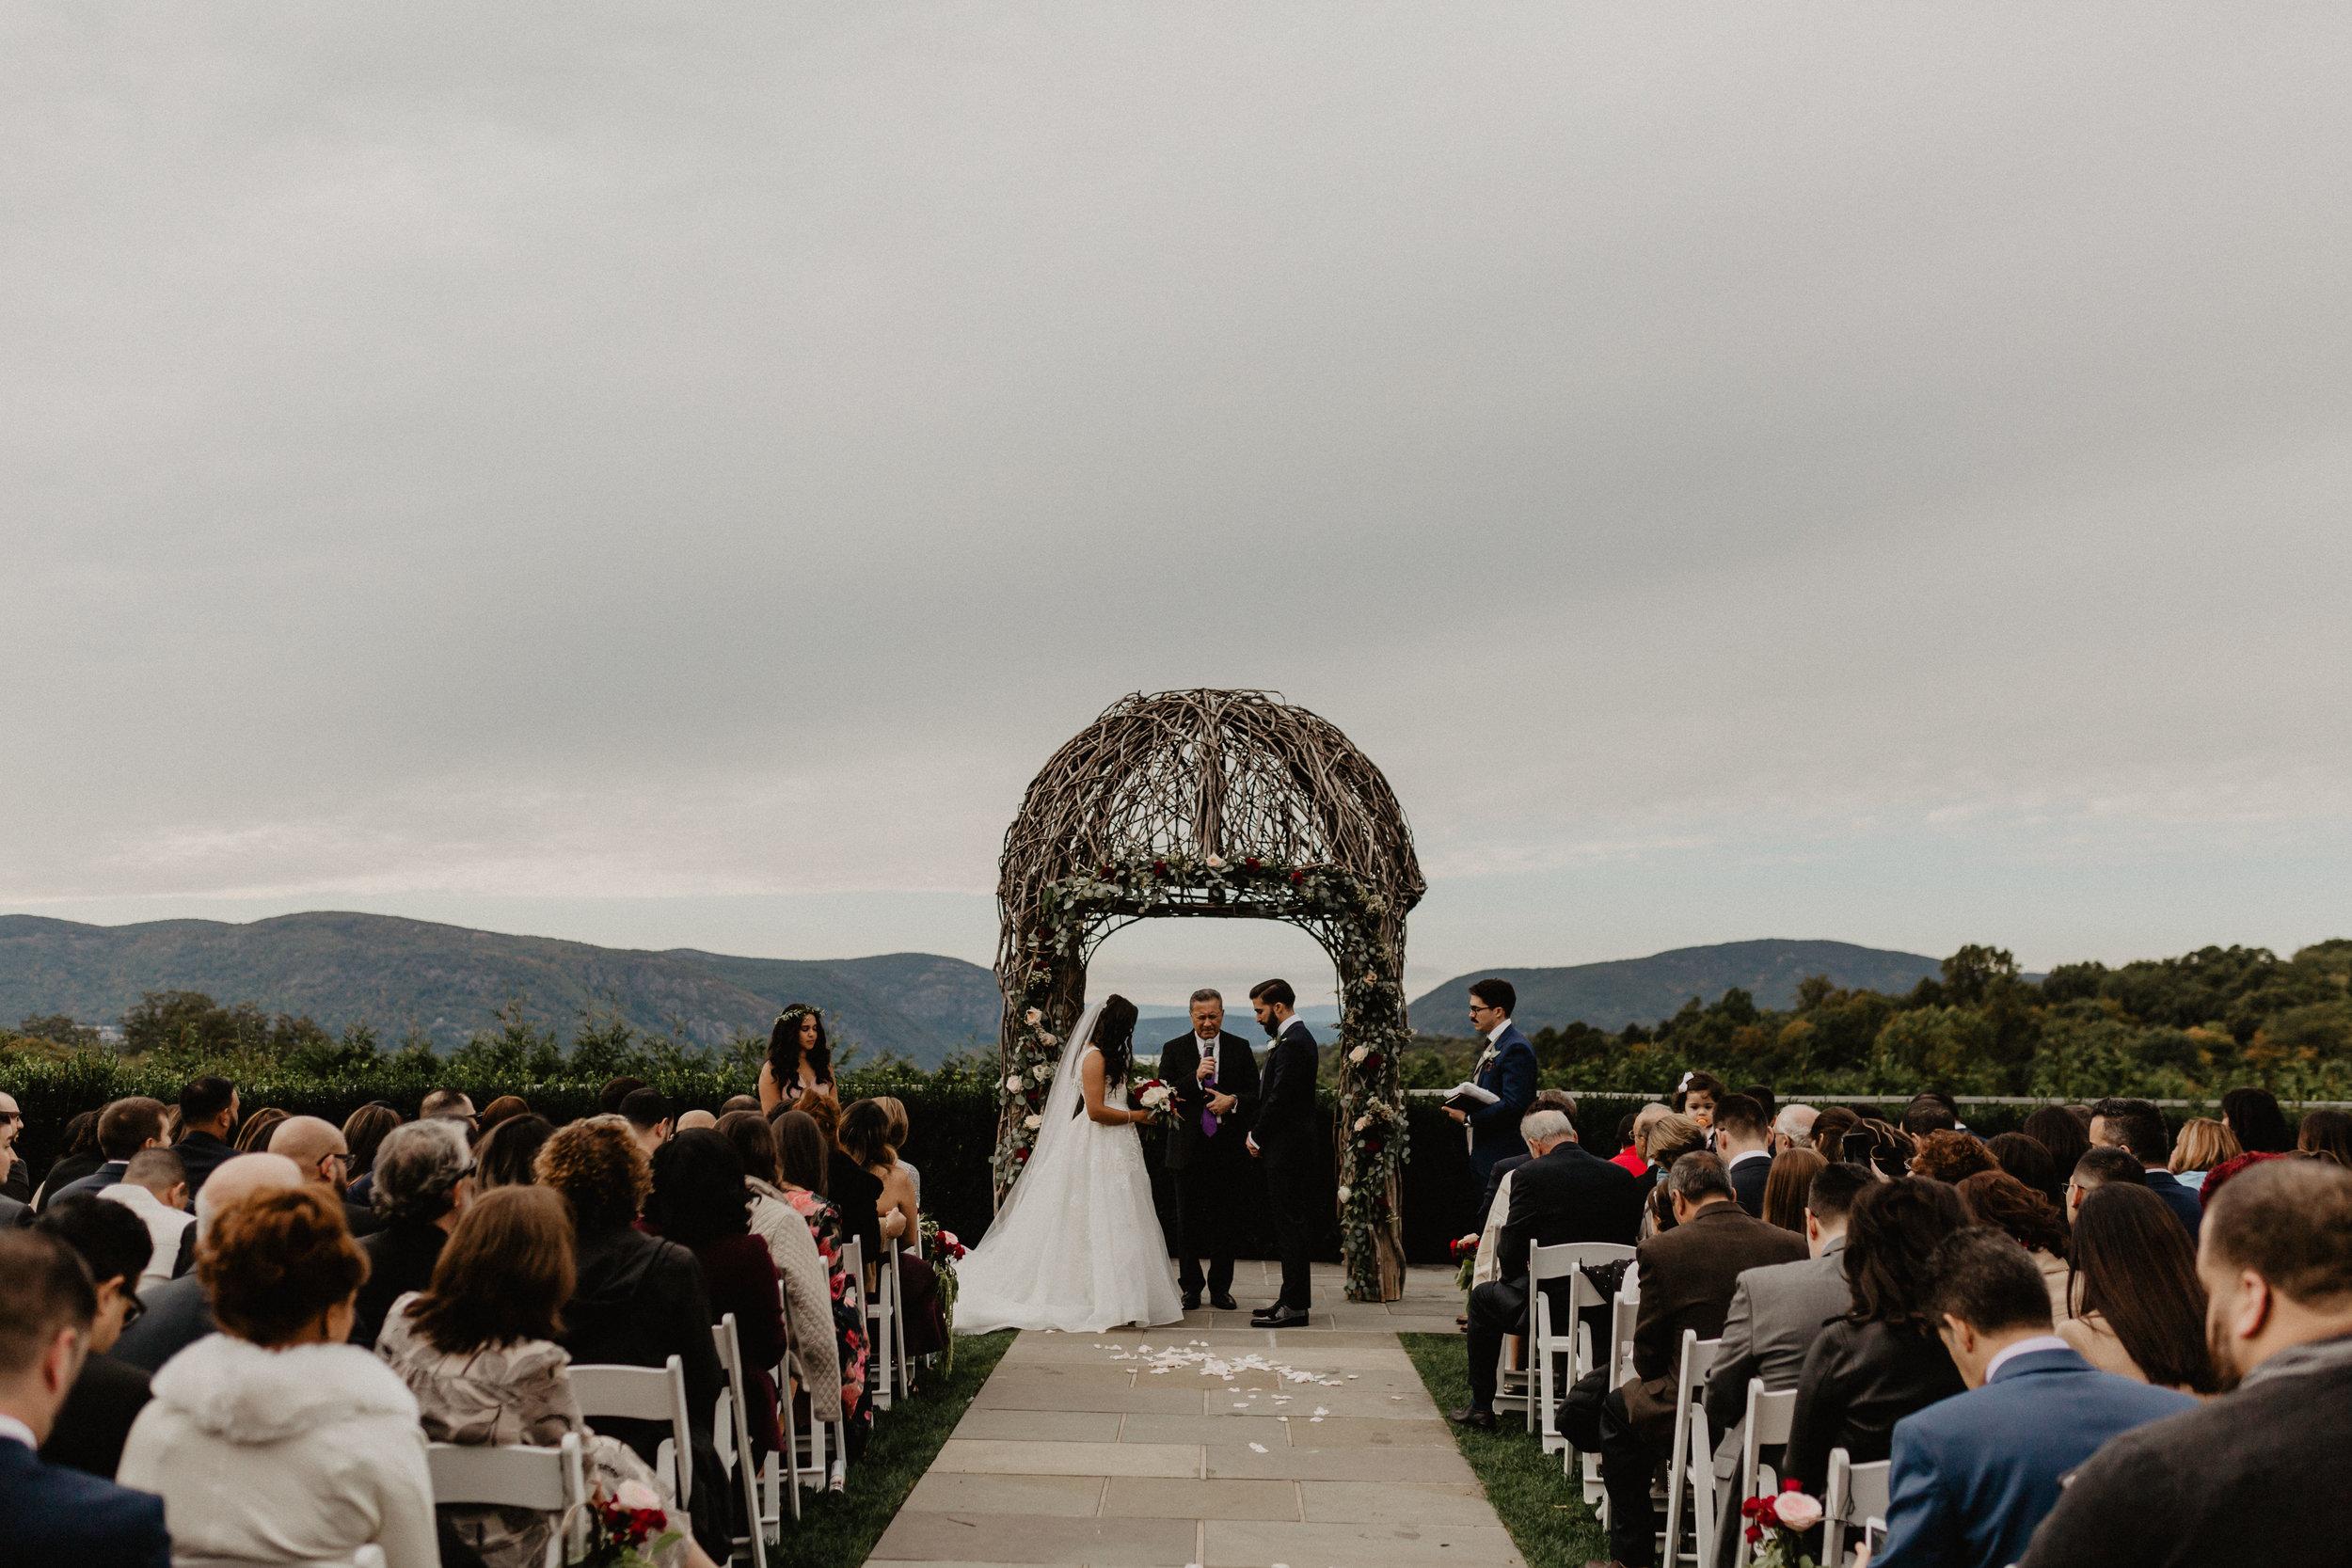 garrison_wedding_photos_048.jpg